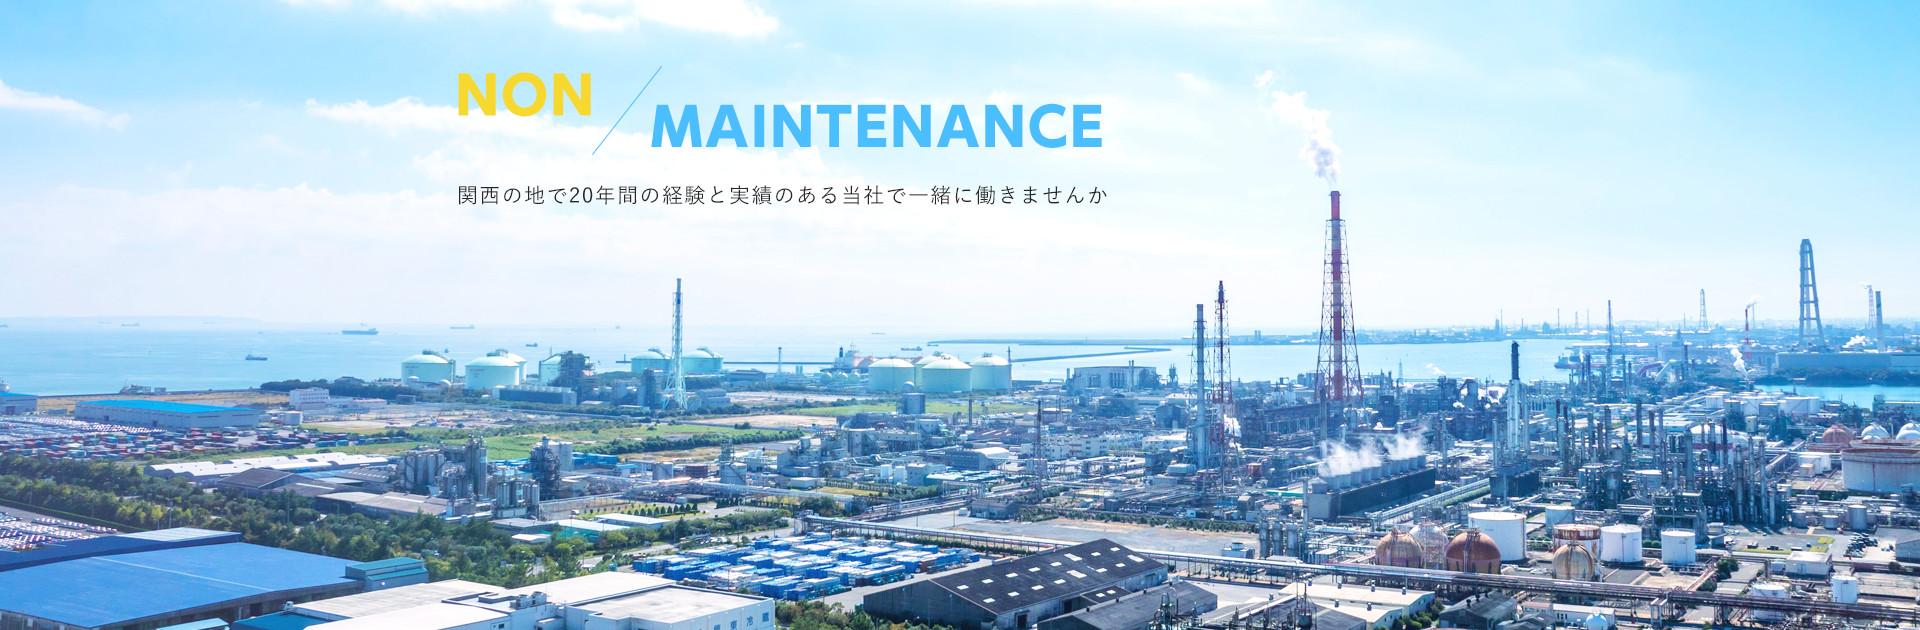 関西の地で20年間の経験と実績のある当社で一緒に働きませんか